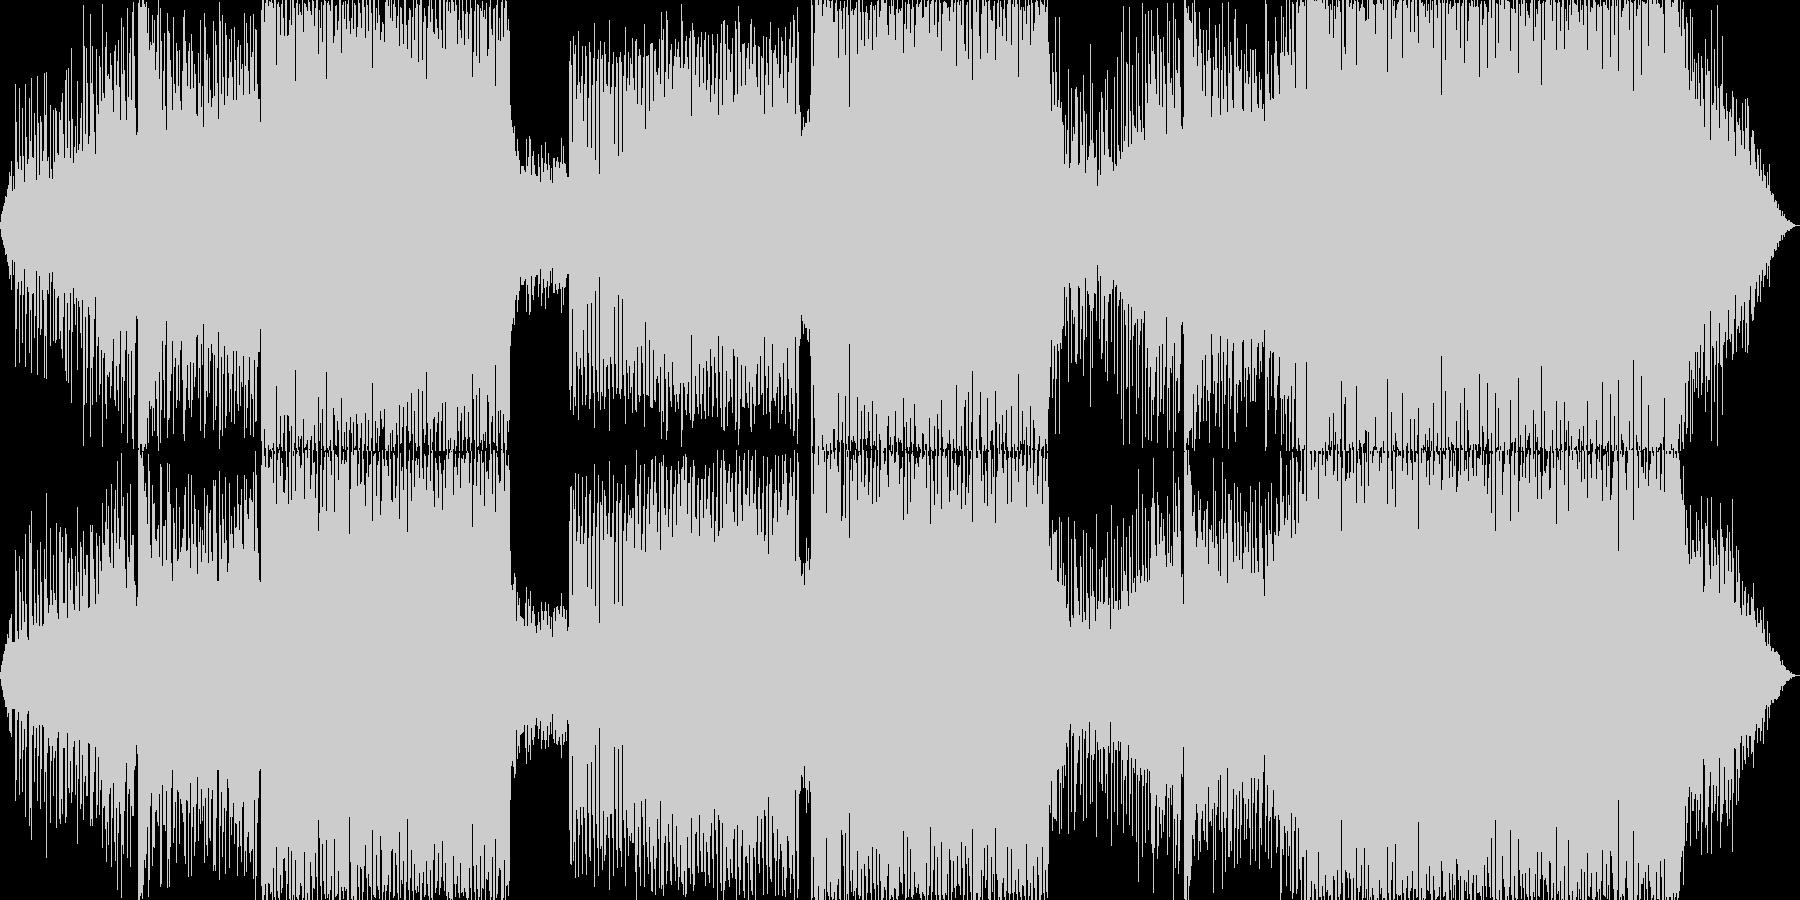 壮大で明るいEDMの未再生の波形